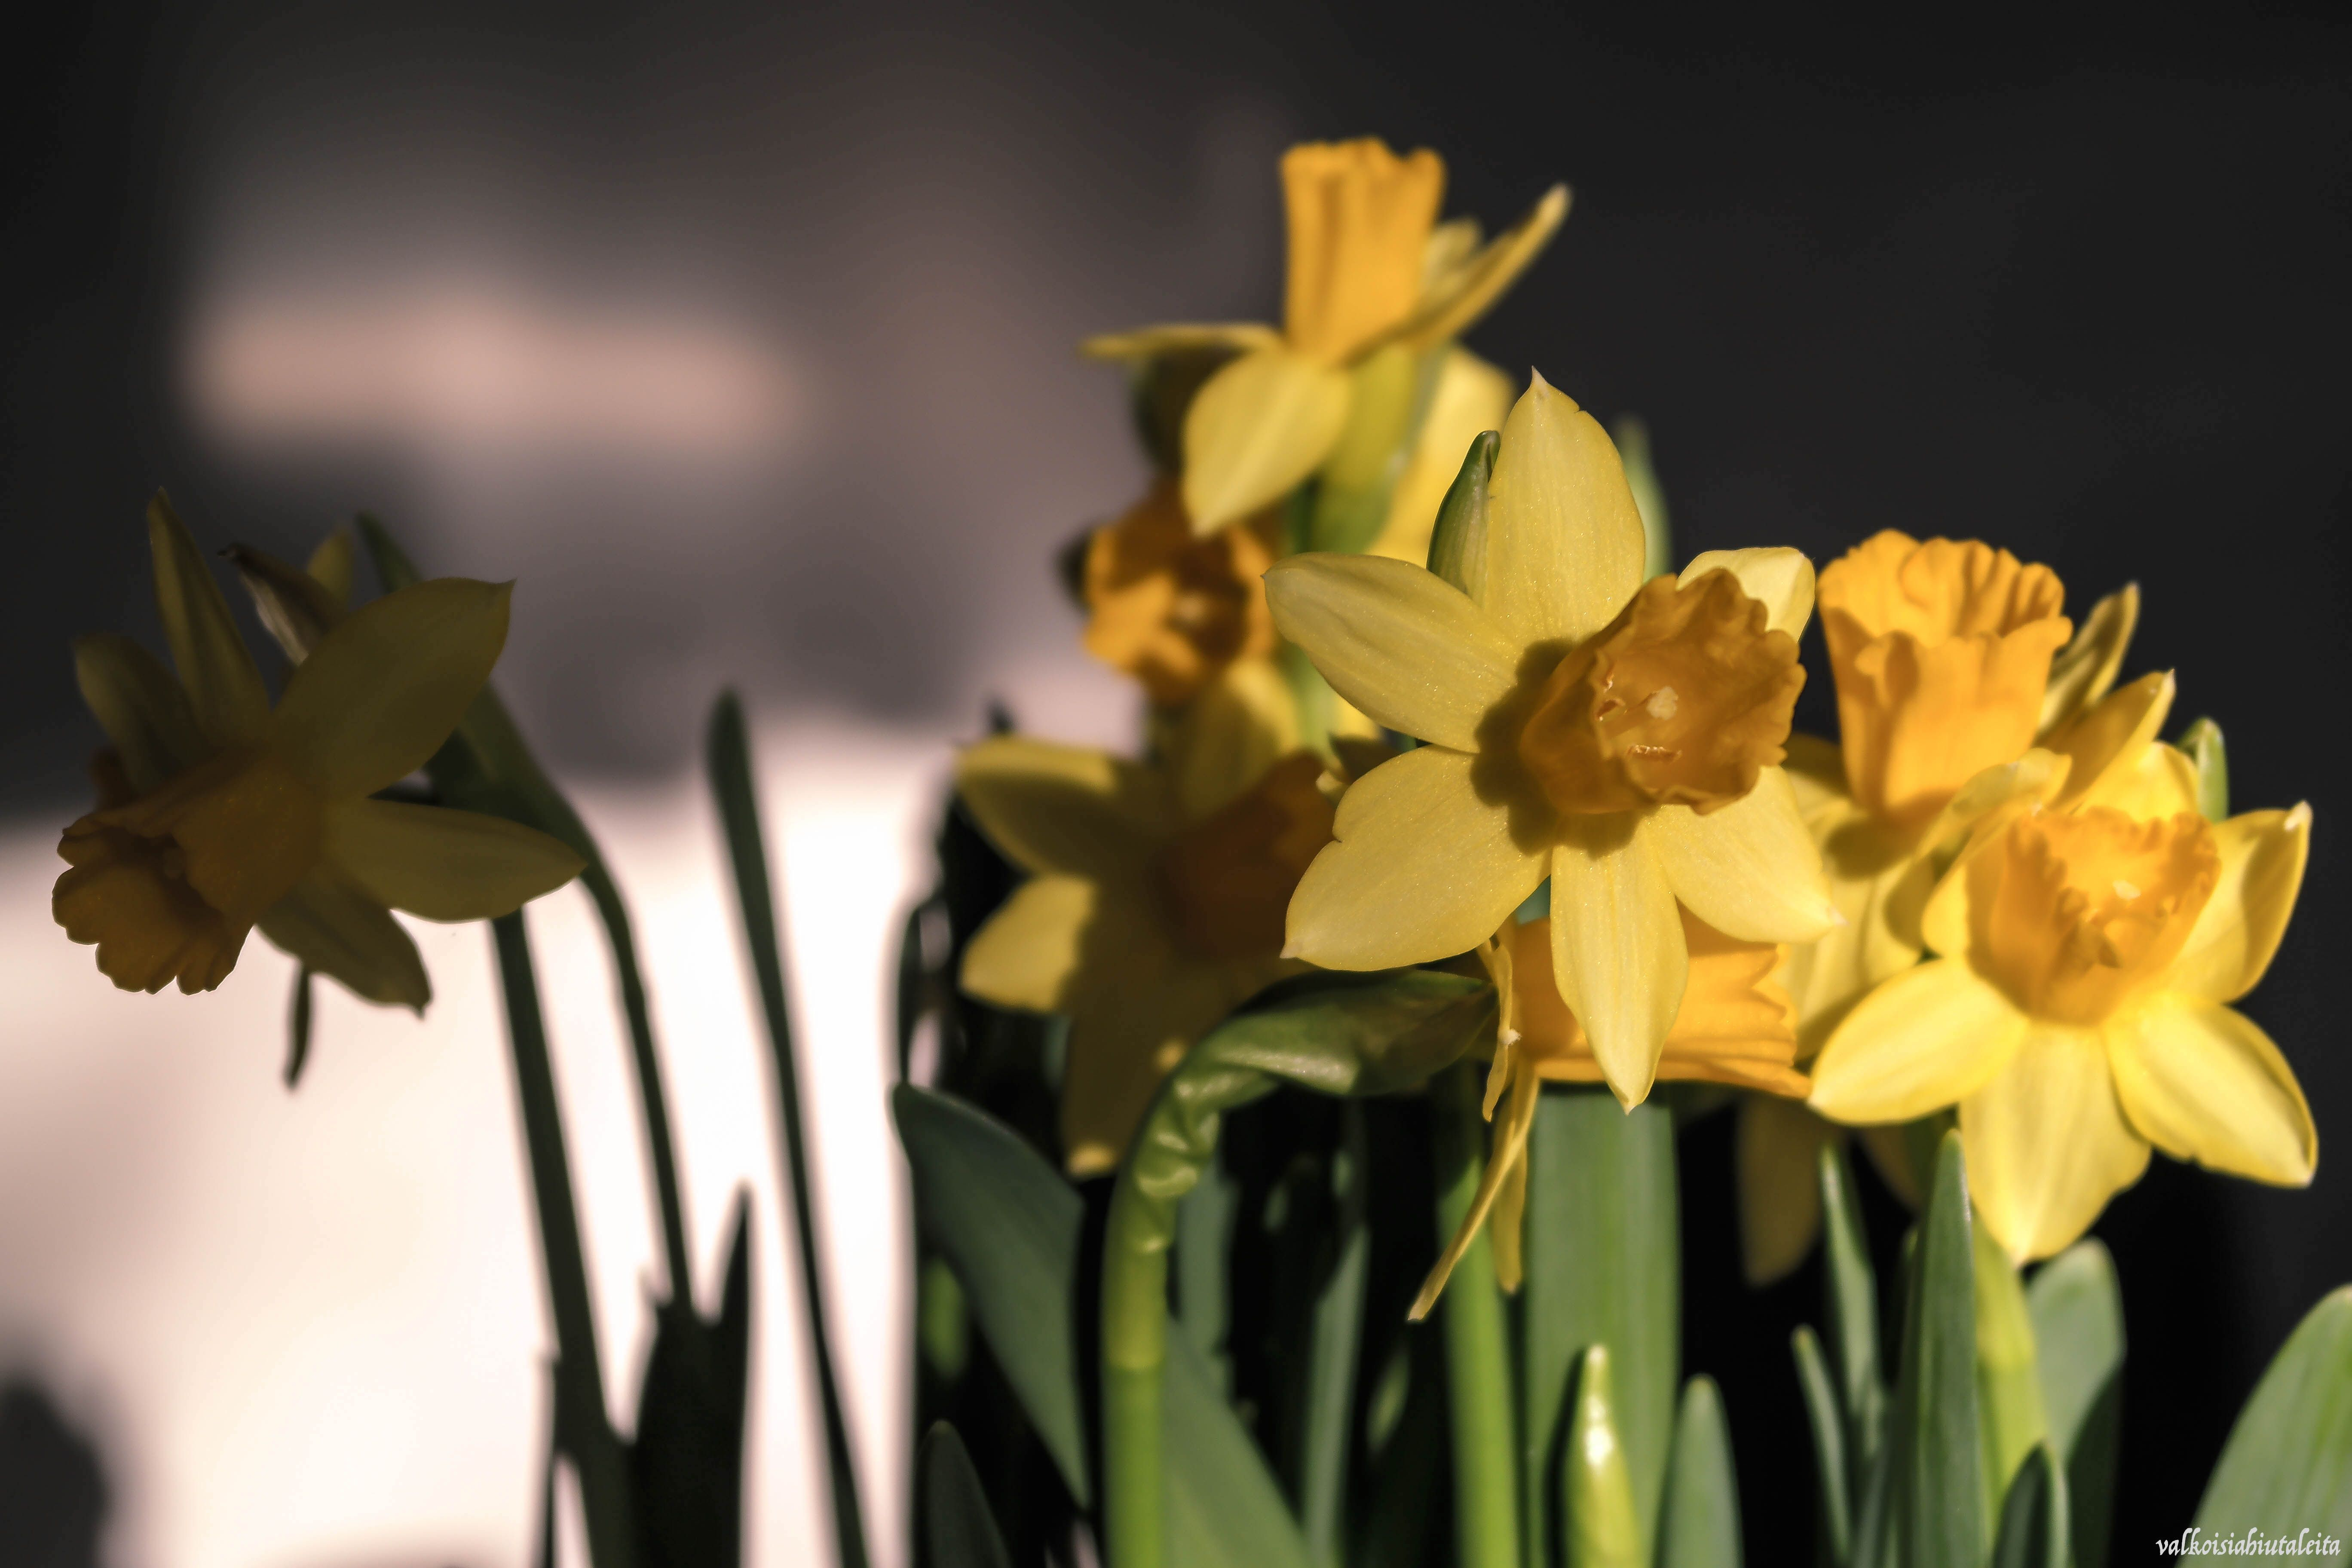 Spring is in the air.  Aamu on niin kirkas | kun taivaalta sataa valkoisia hiutaleita